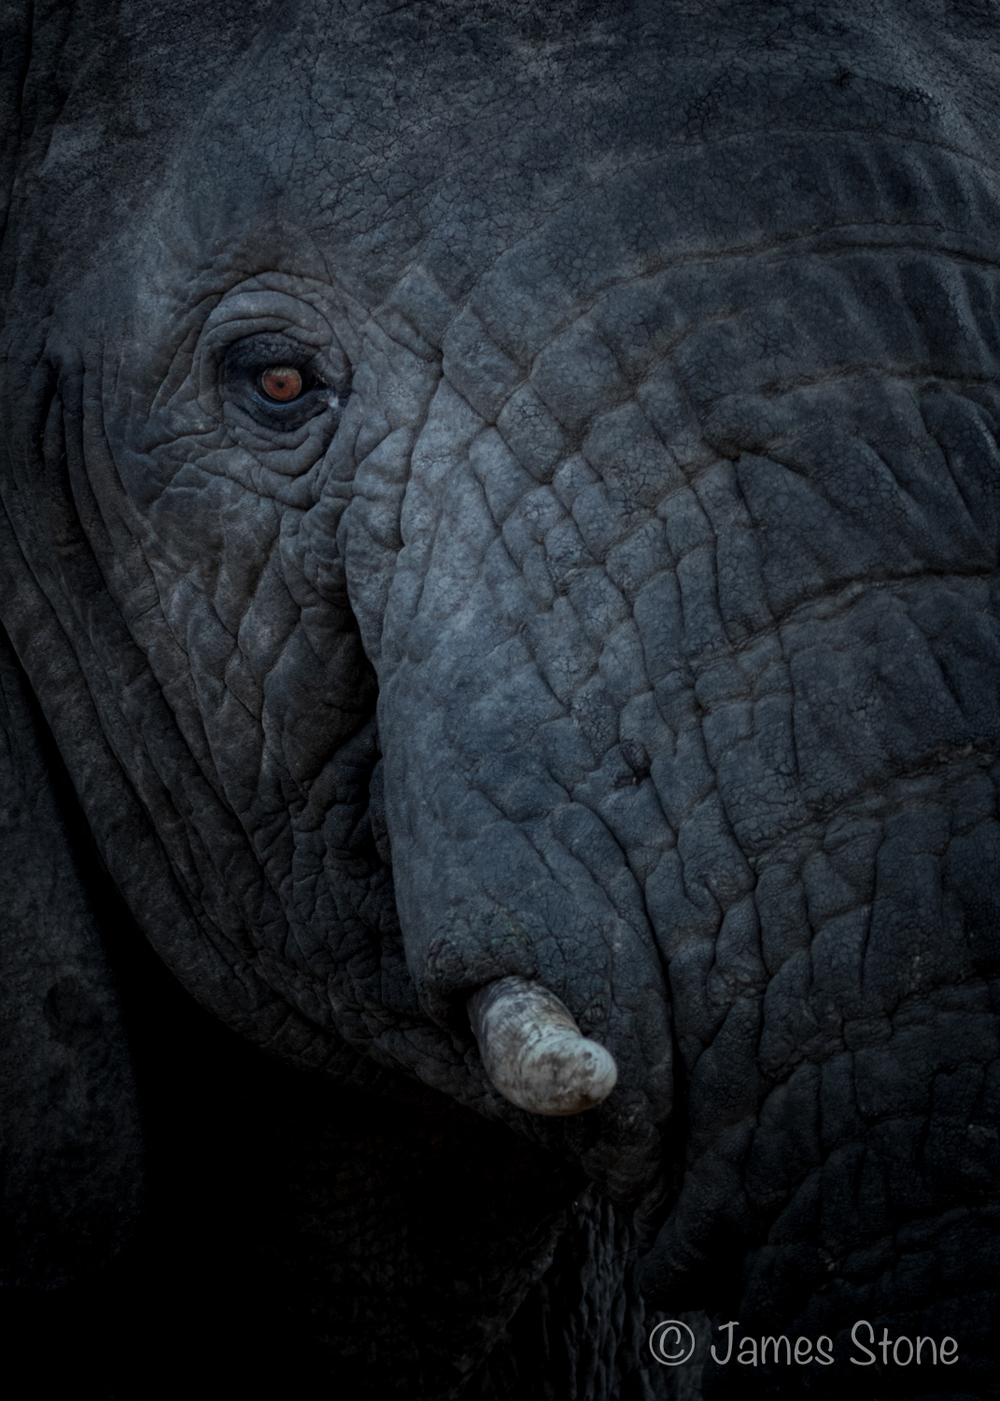 Elephant's stare